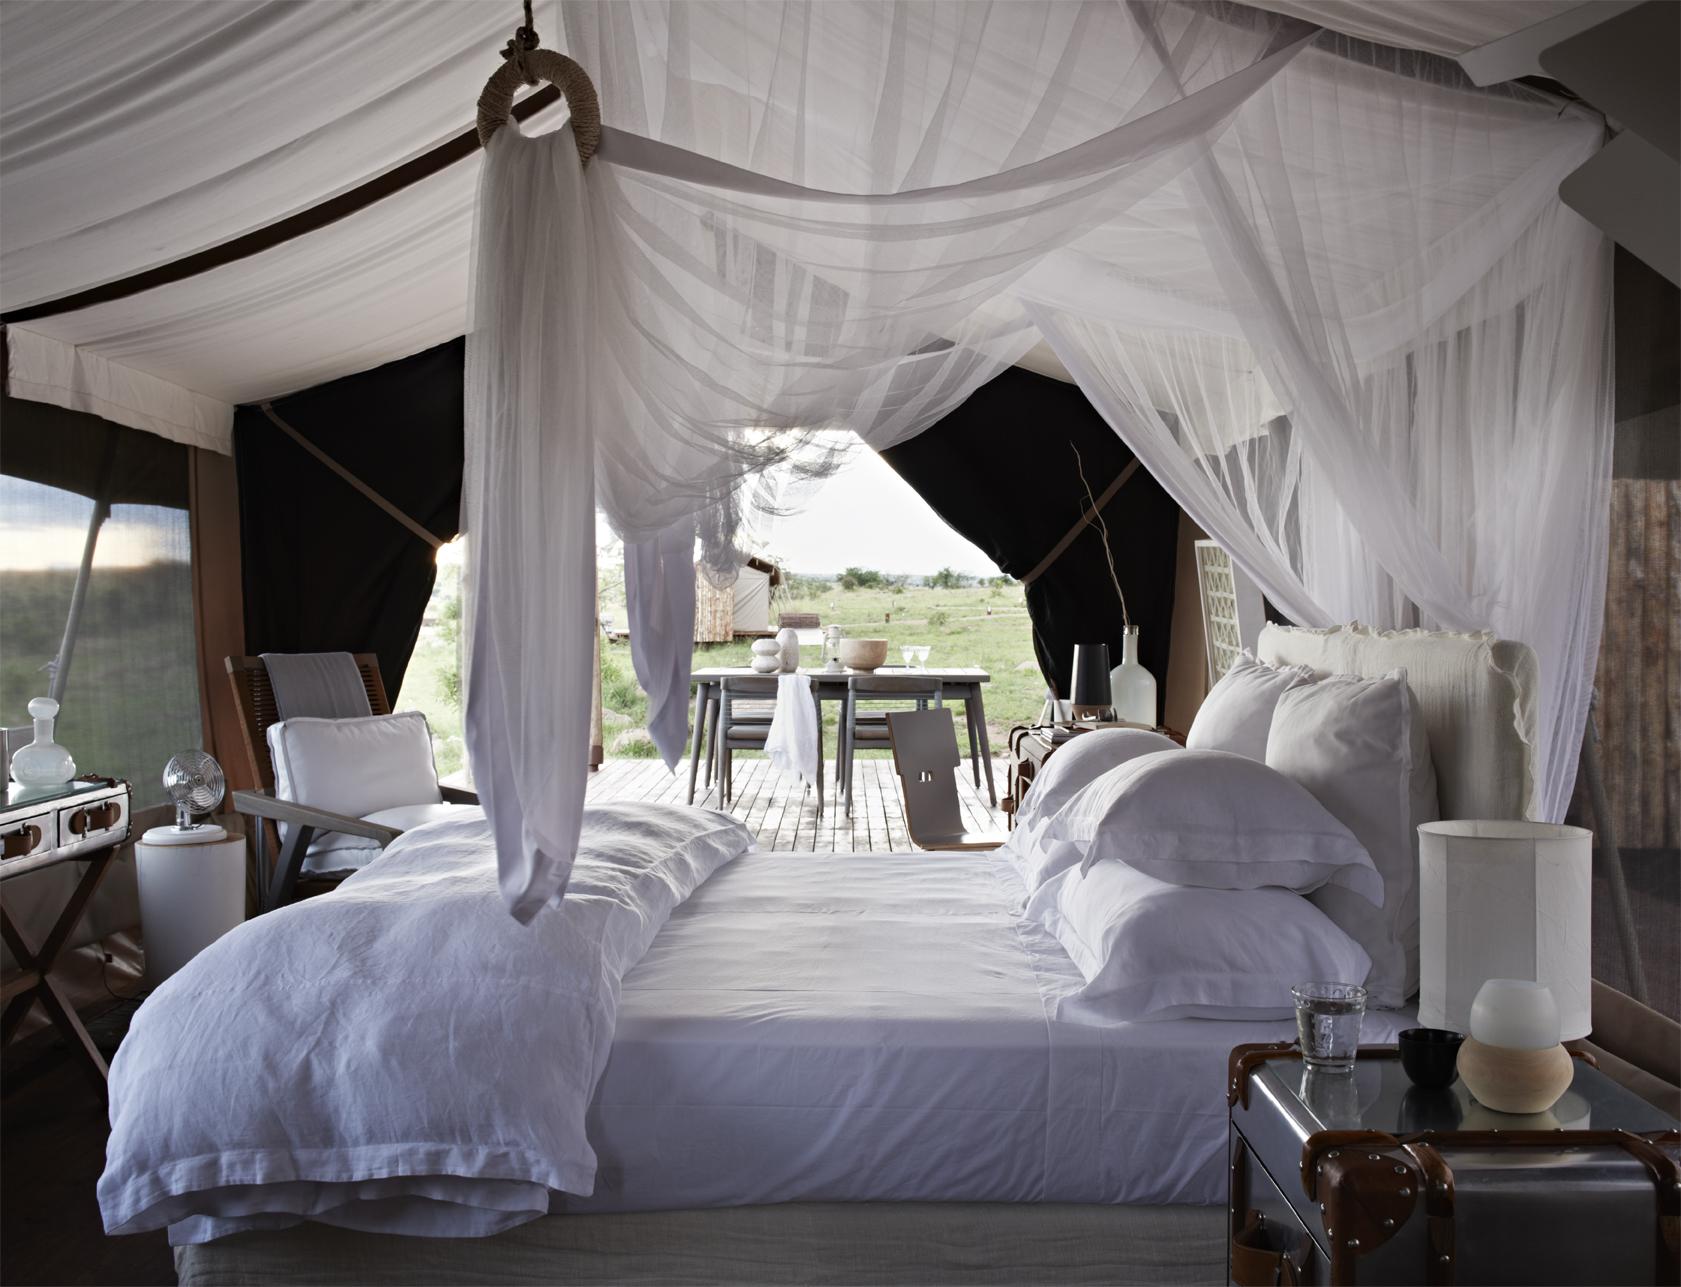 Singita-Mara-River-Tented-Camp-17.jpg